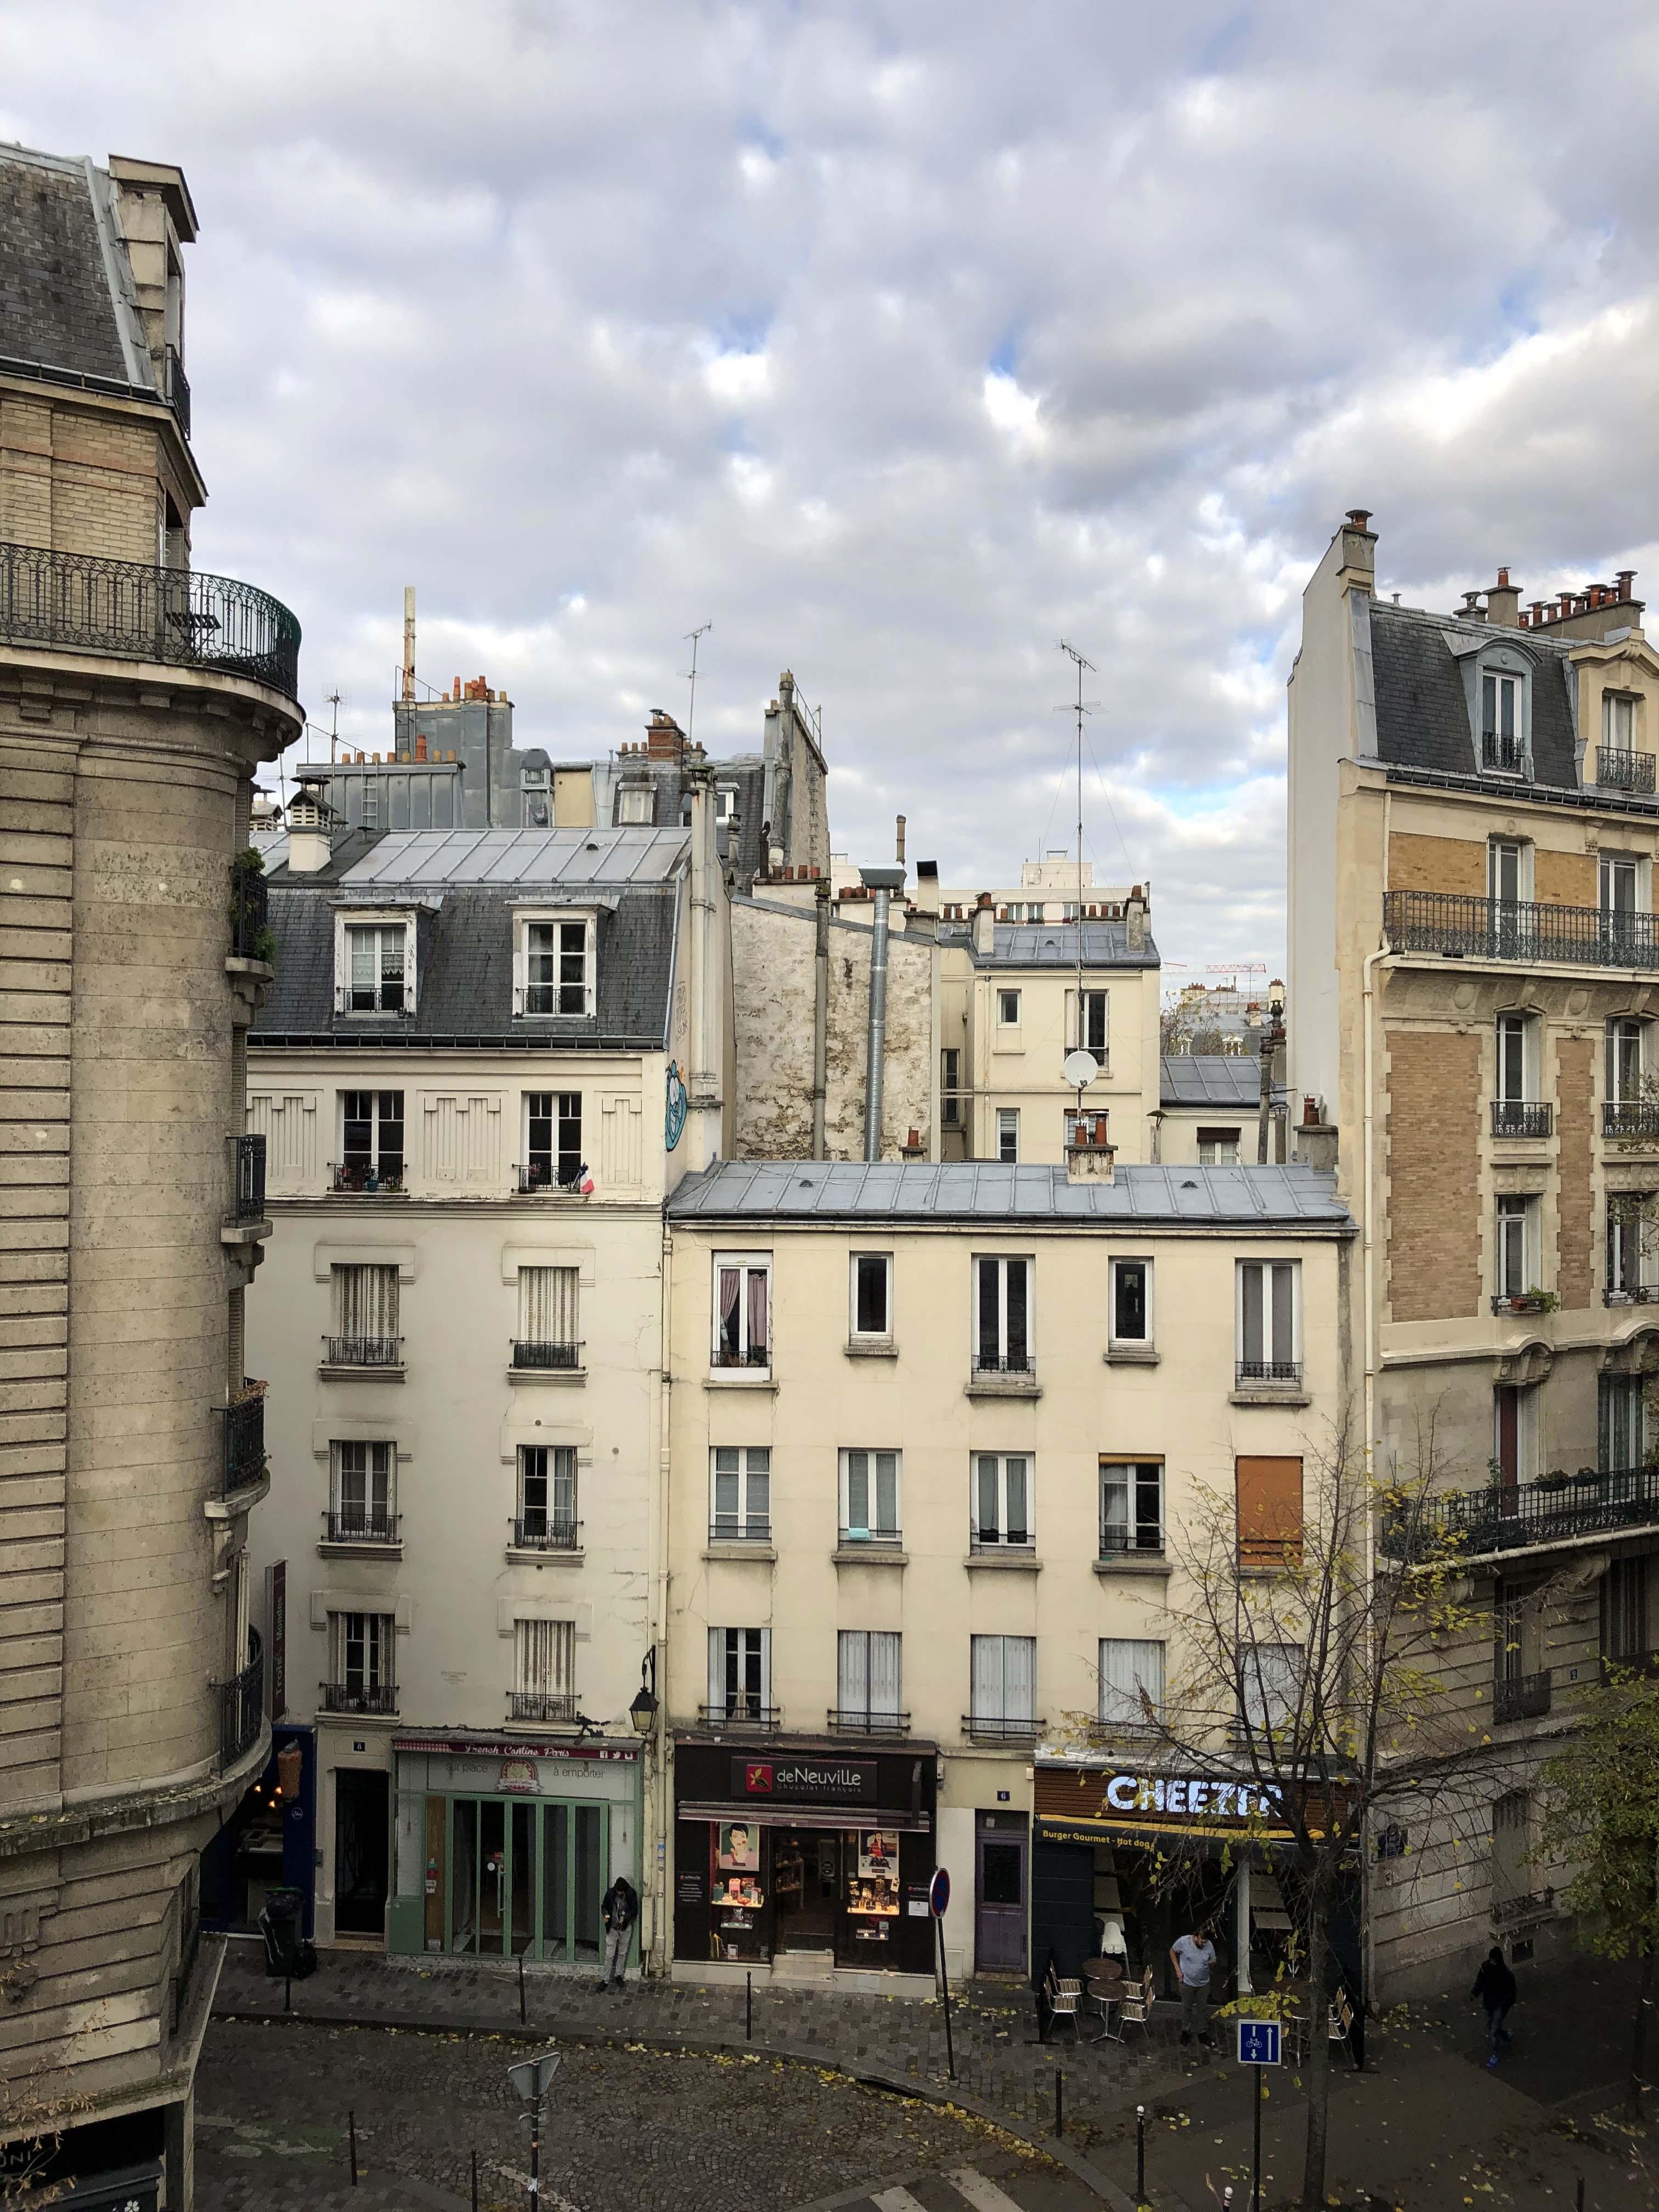 Fou の街角/The city coner of Paris where Foujita lived